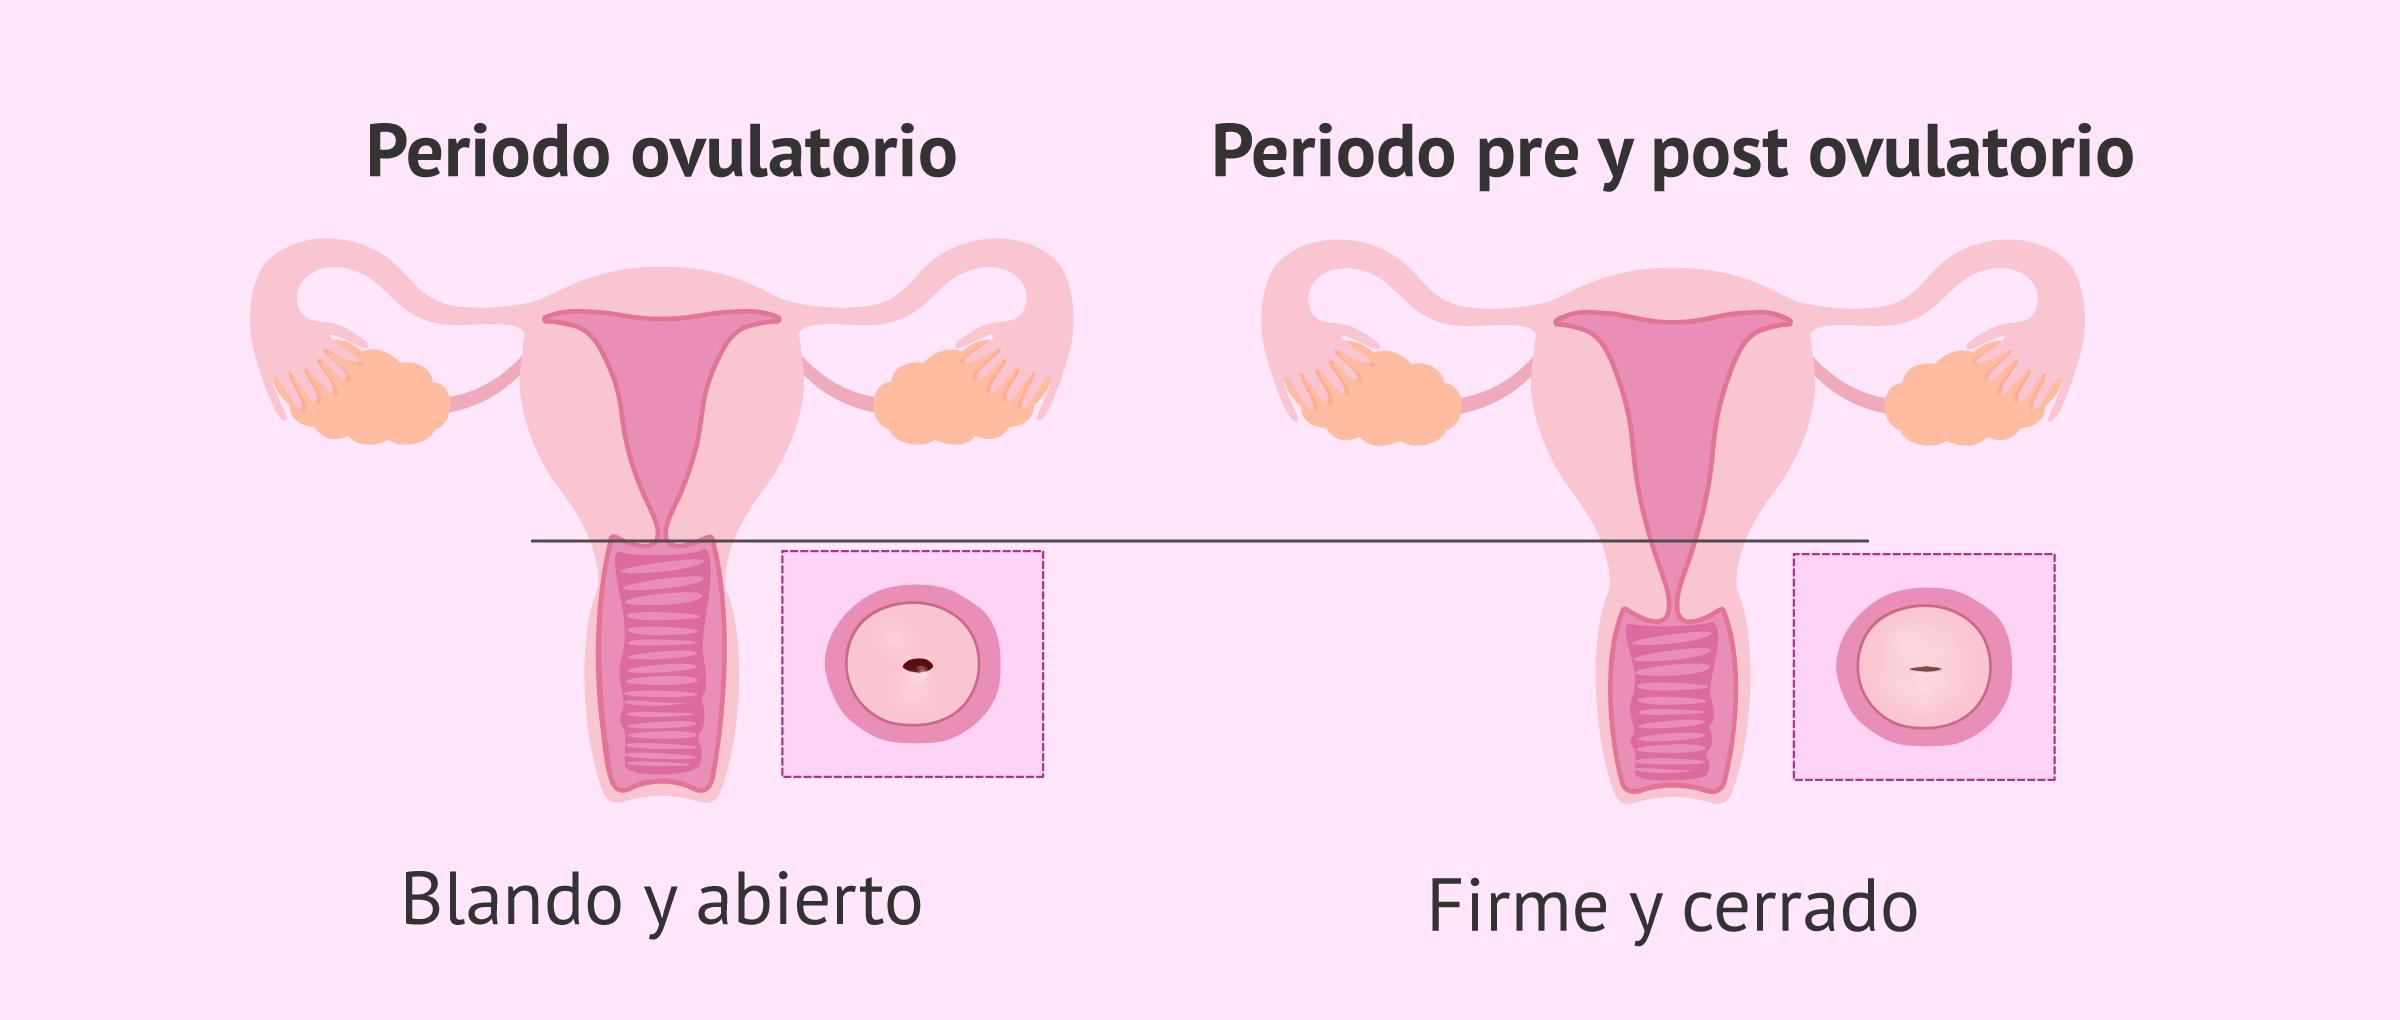 Cambios en el cérvix durante el ciclo menstrual